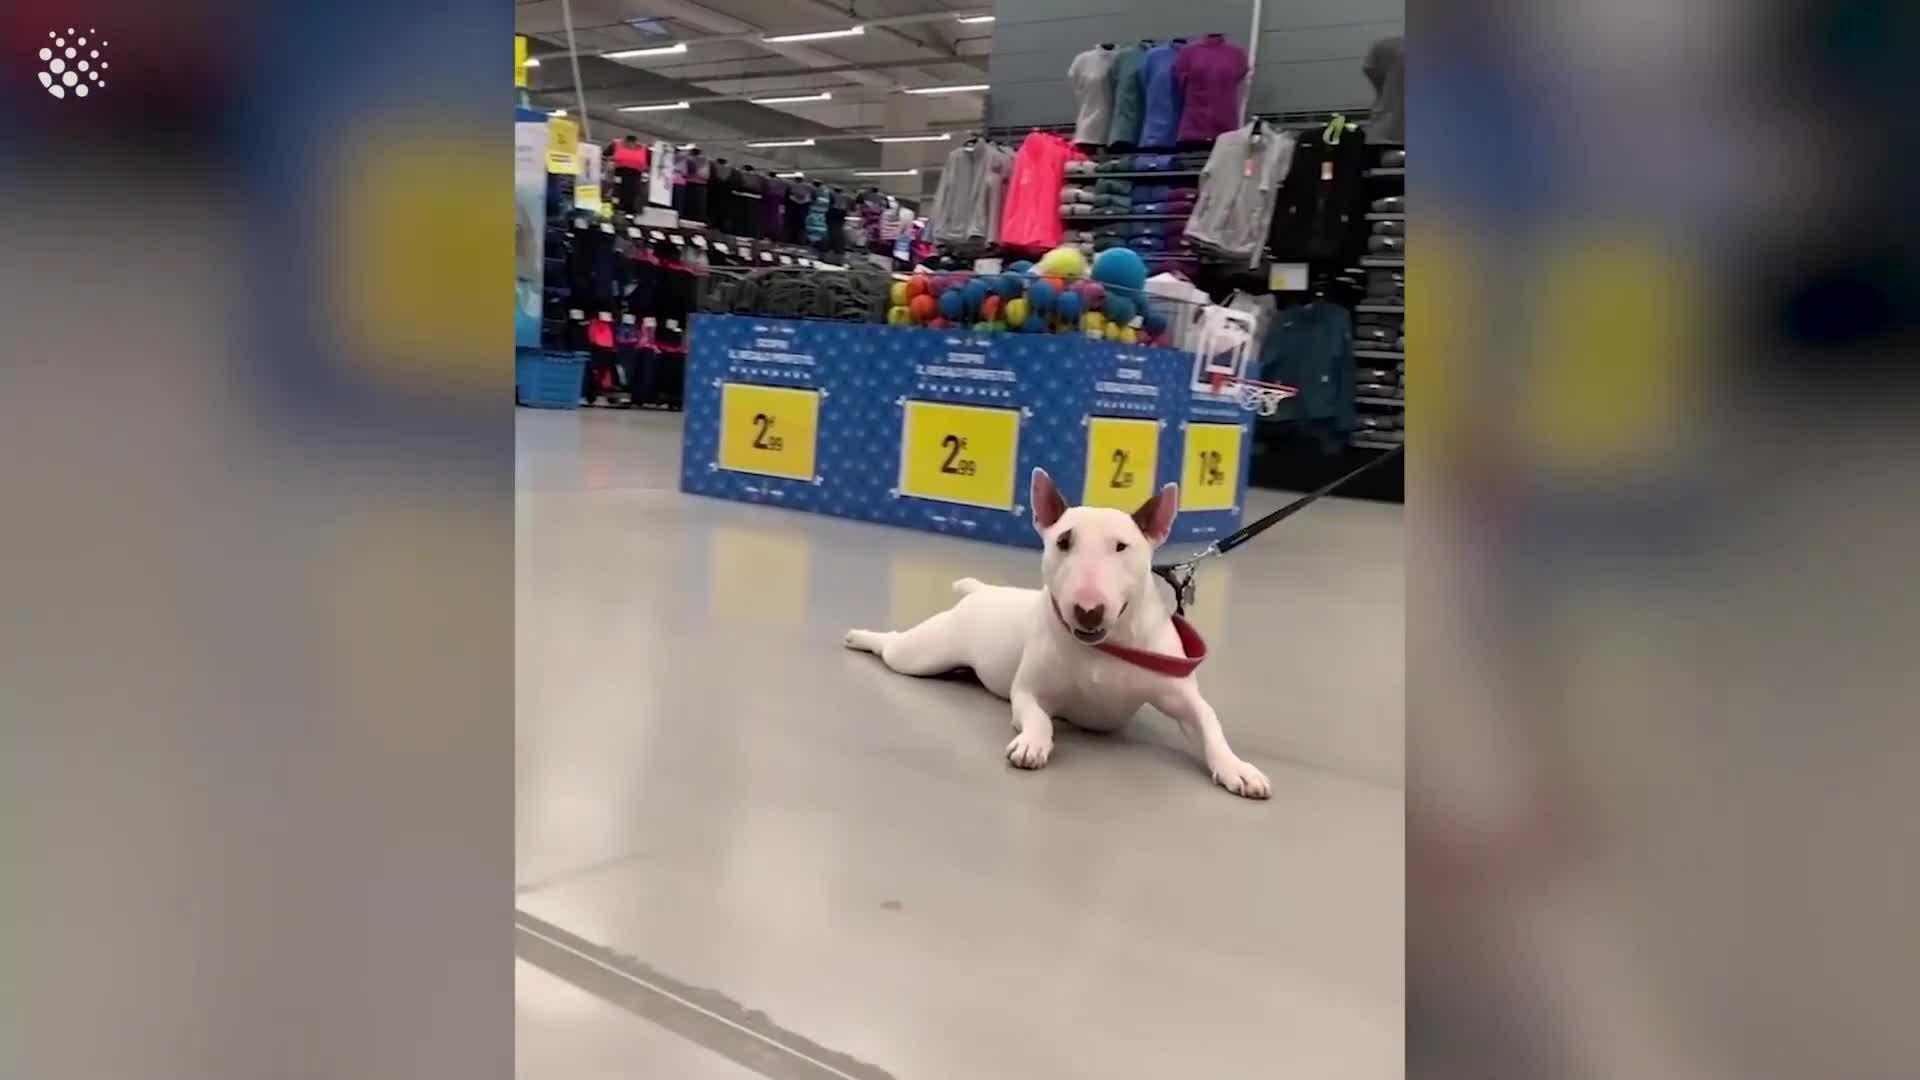 Chú chó lười biếng không chịu đi đâu